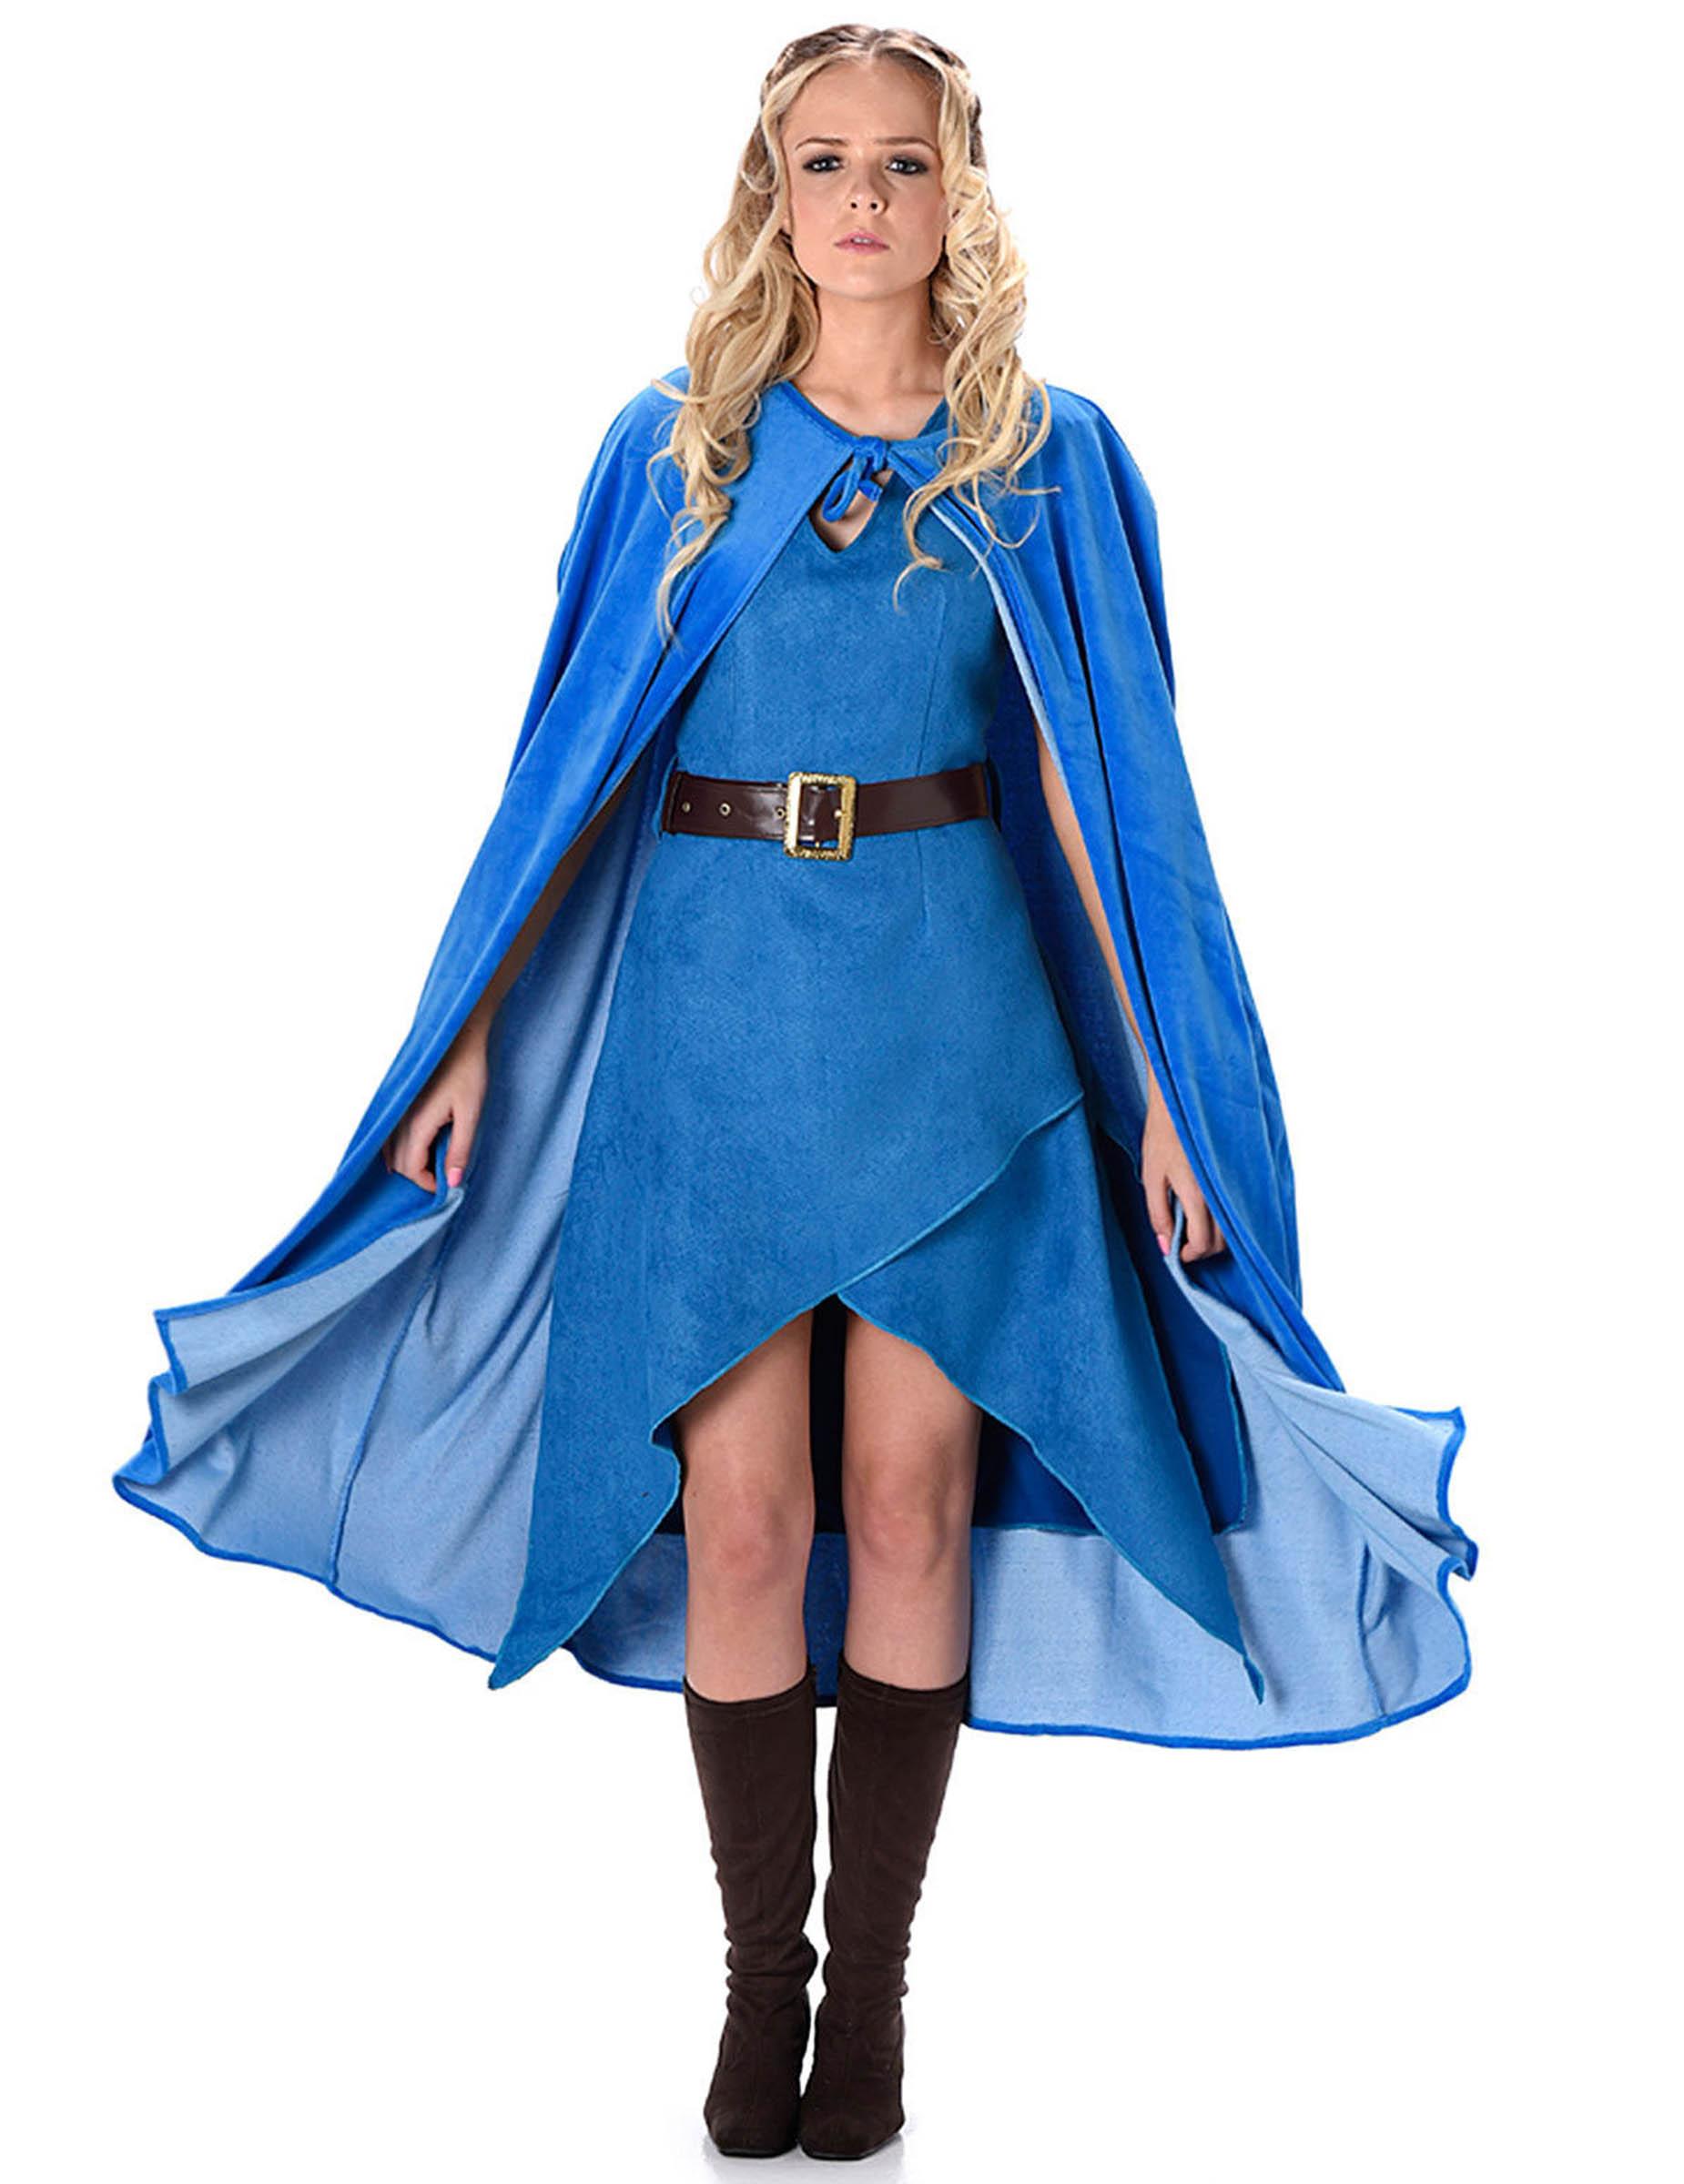 Mittelalterliches Krieger Kostum Damen Kostume Fur Erwachsene Und